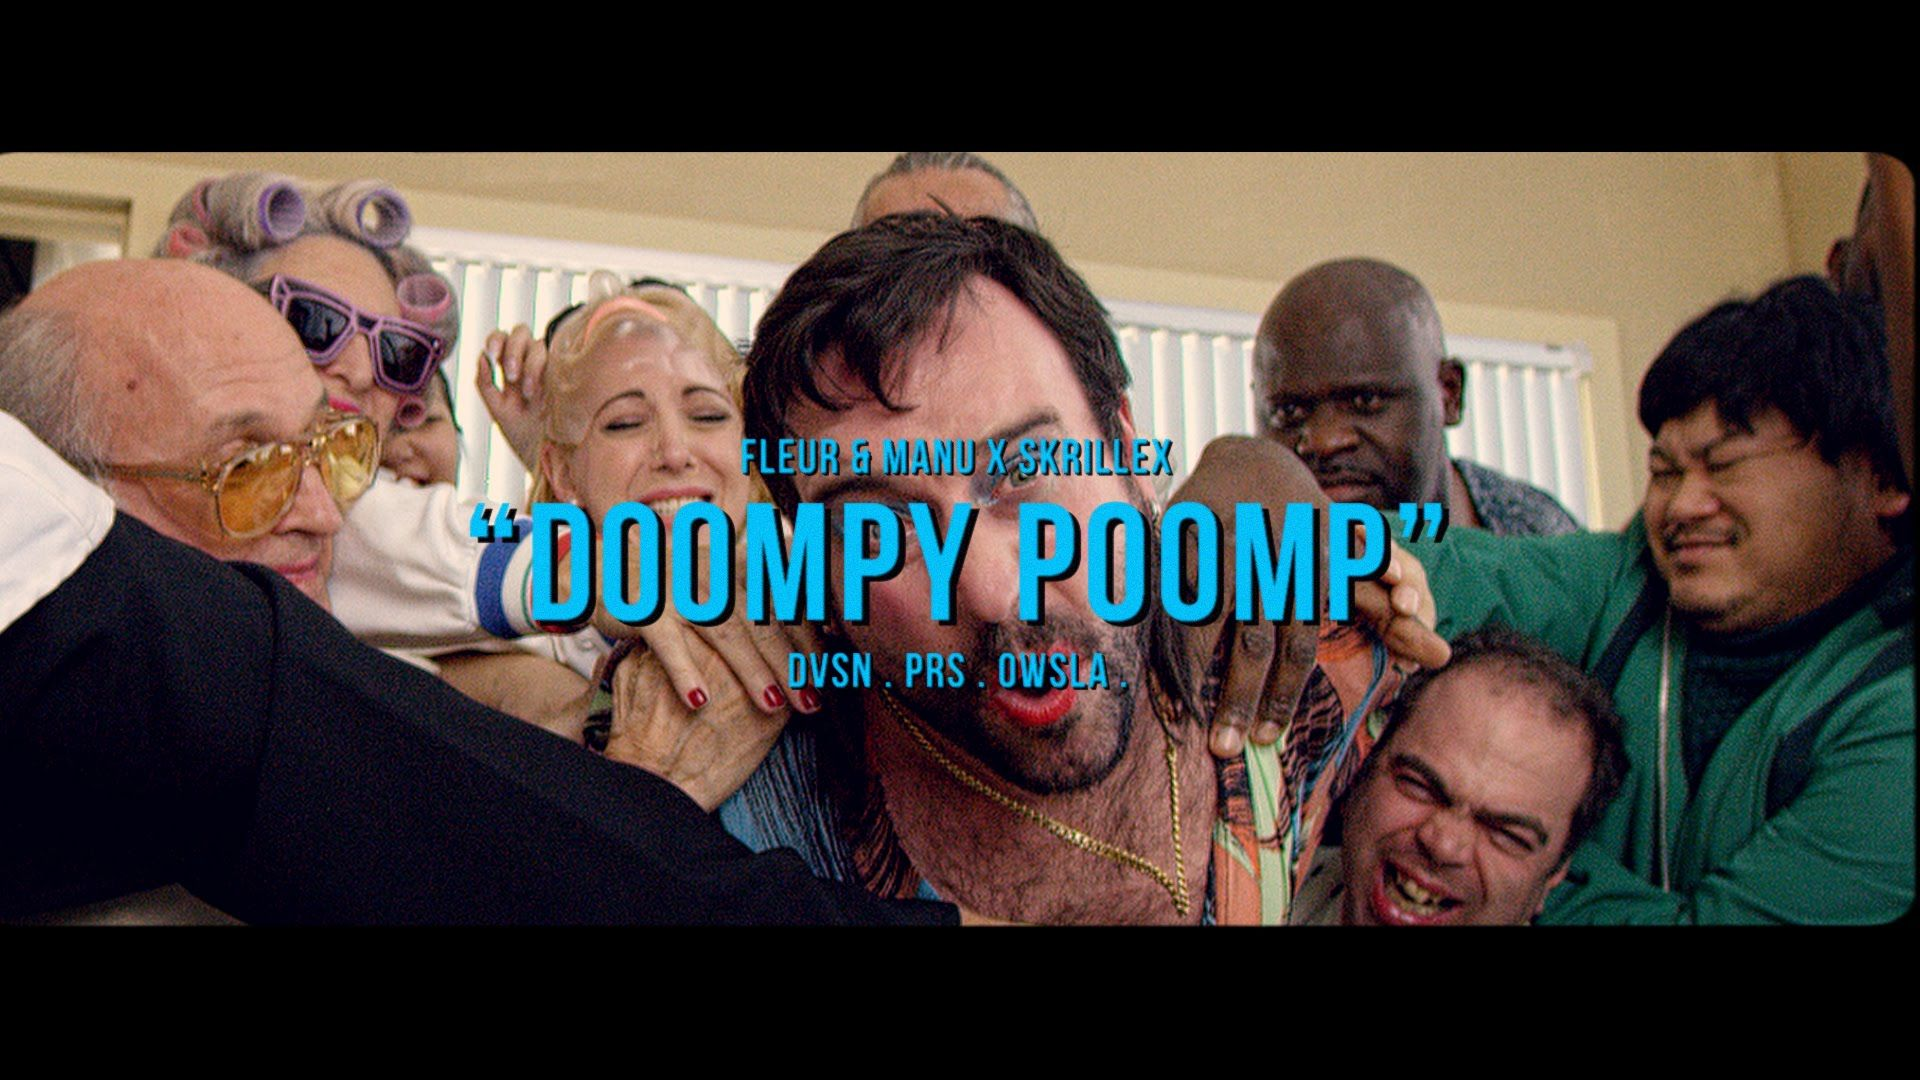 Skrillex - Doompy Poomp. Mais um caso de repetição temporal num esforço imenso e desastrado em agradar. (Another case of time repetition in a gigantic and fumbling effort to please people) (dir.: Fleur & Manu) (06/02)